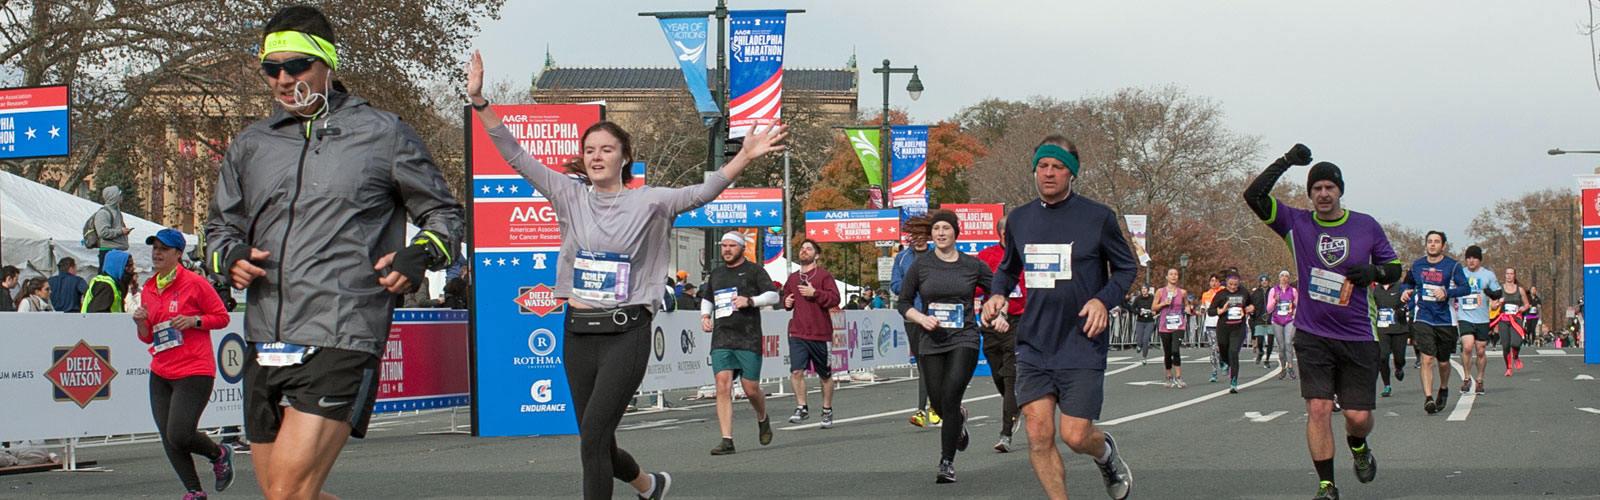 Philadelphia Marathon Weekend